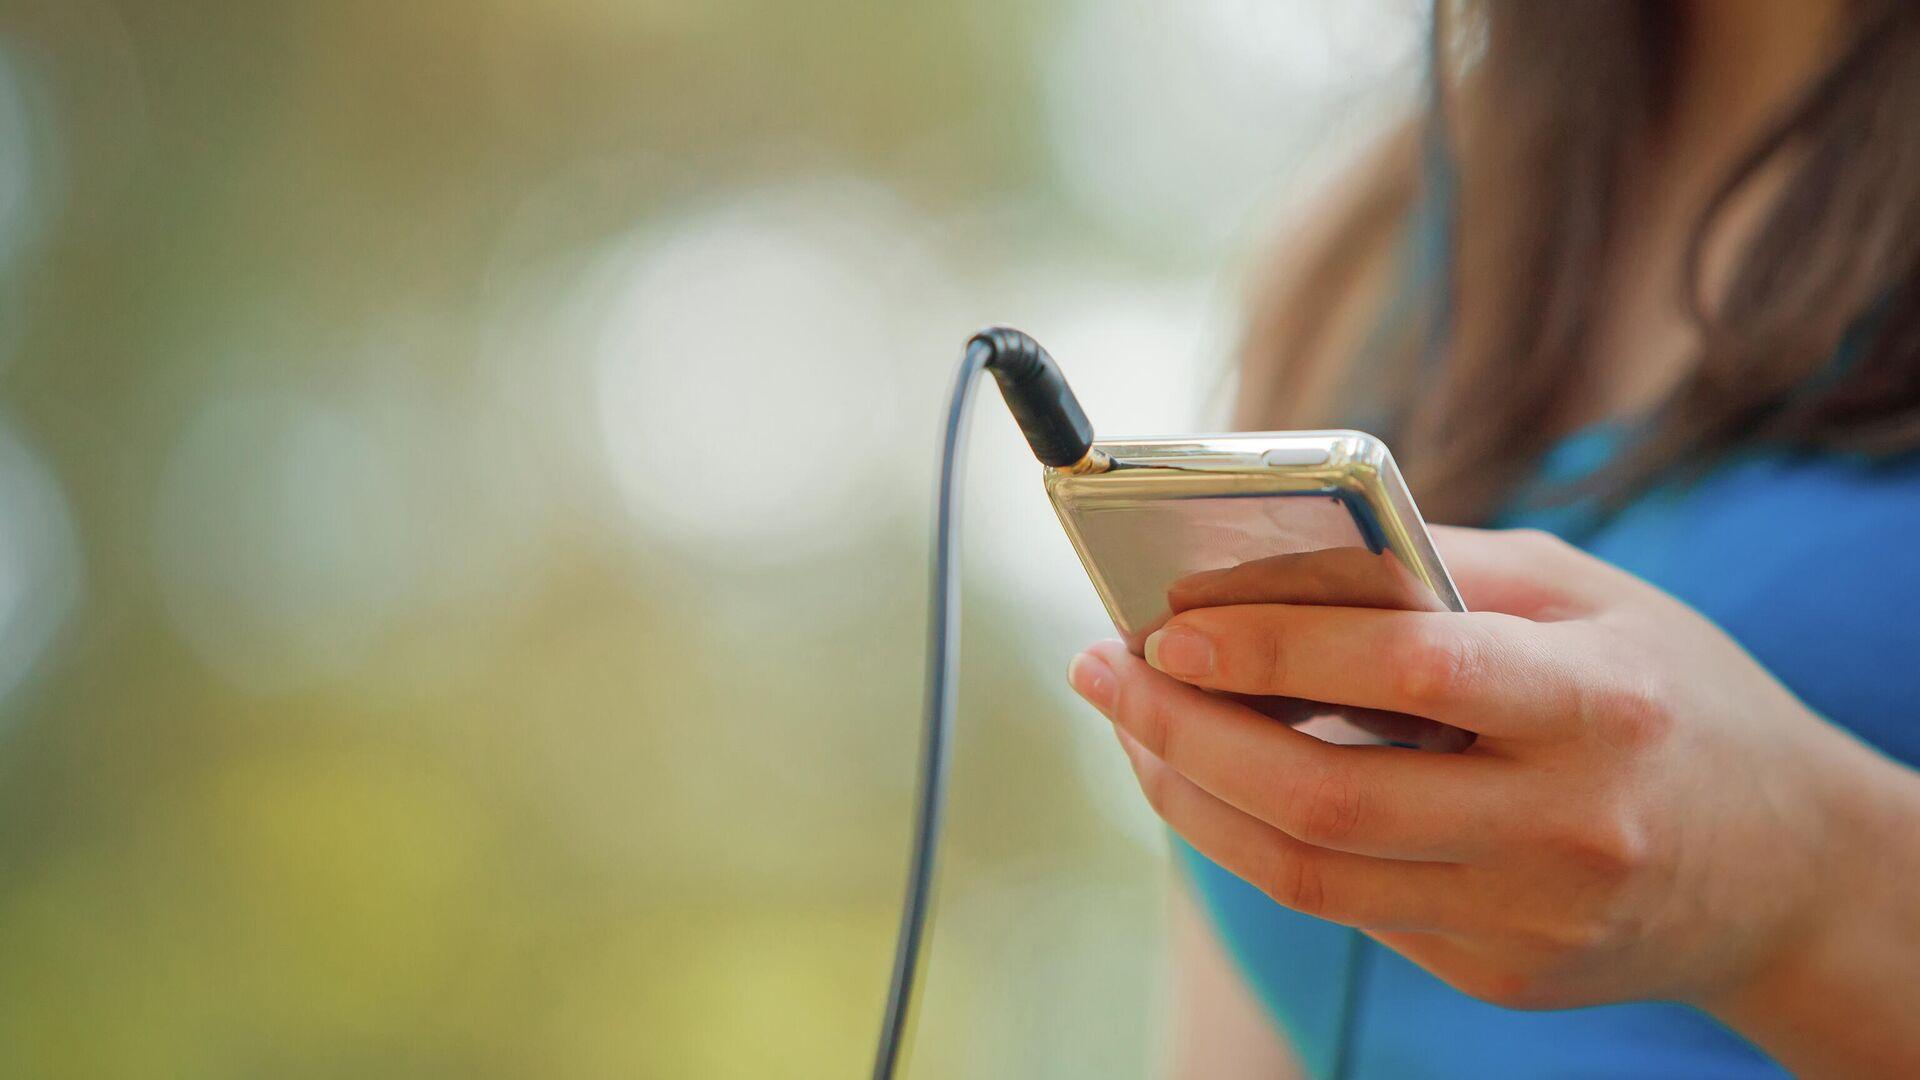 Девушка слушает музыку на iPod - РИА Новости, 1920, 14.09.2020